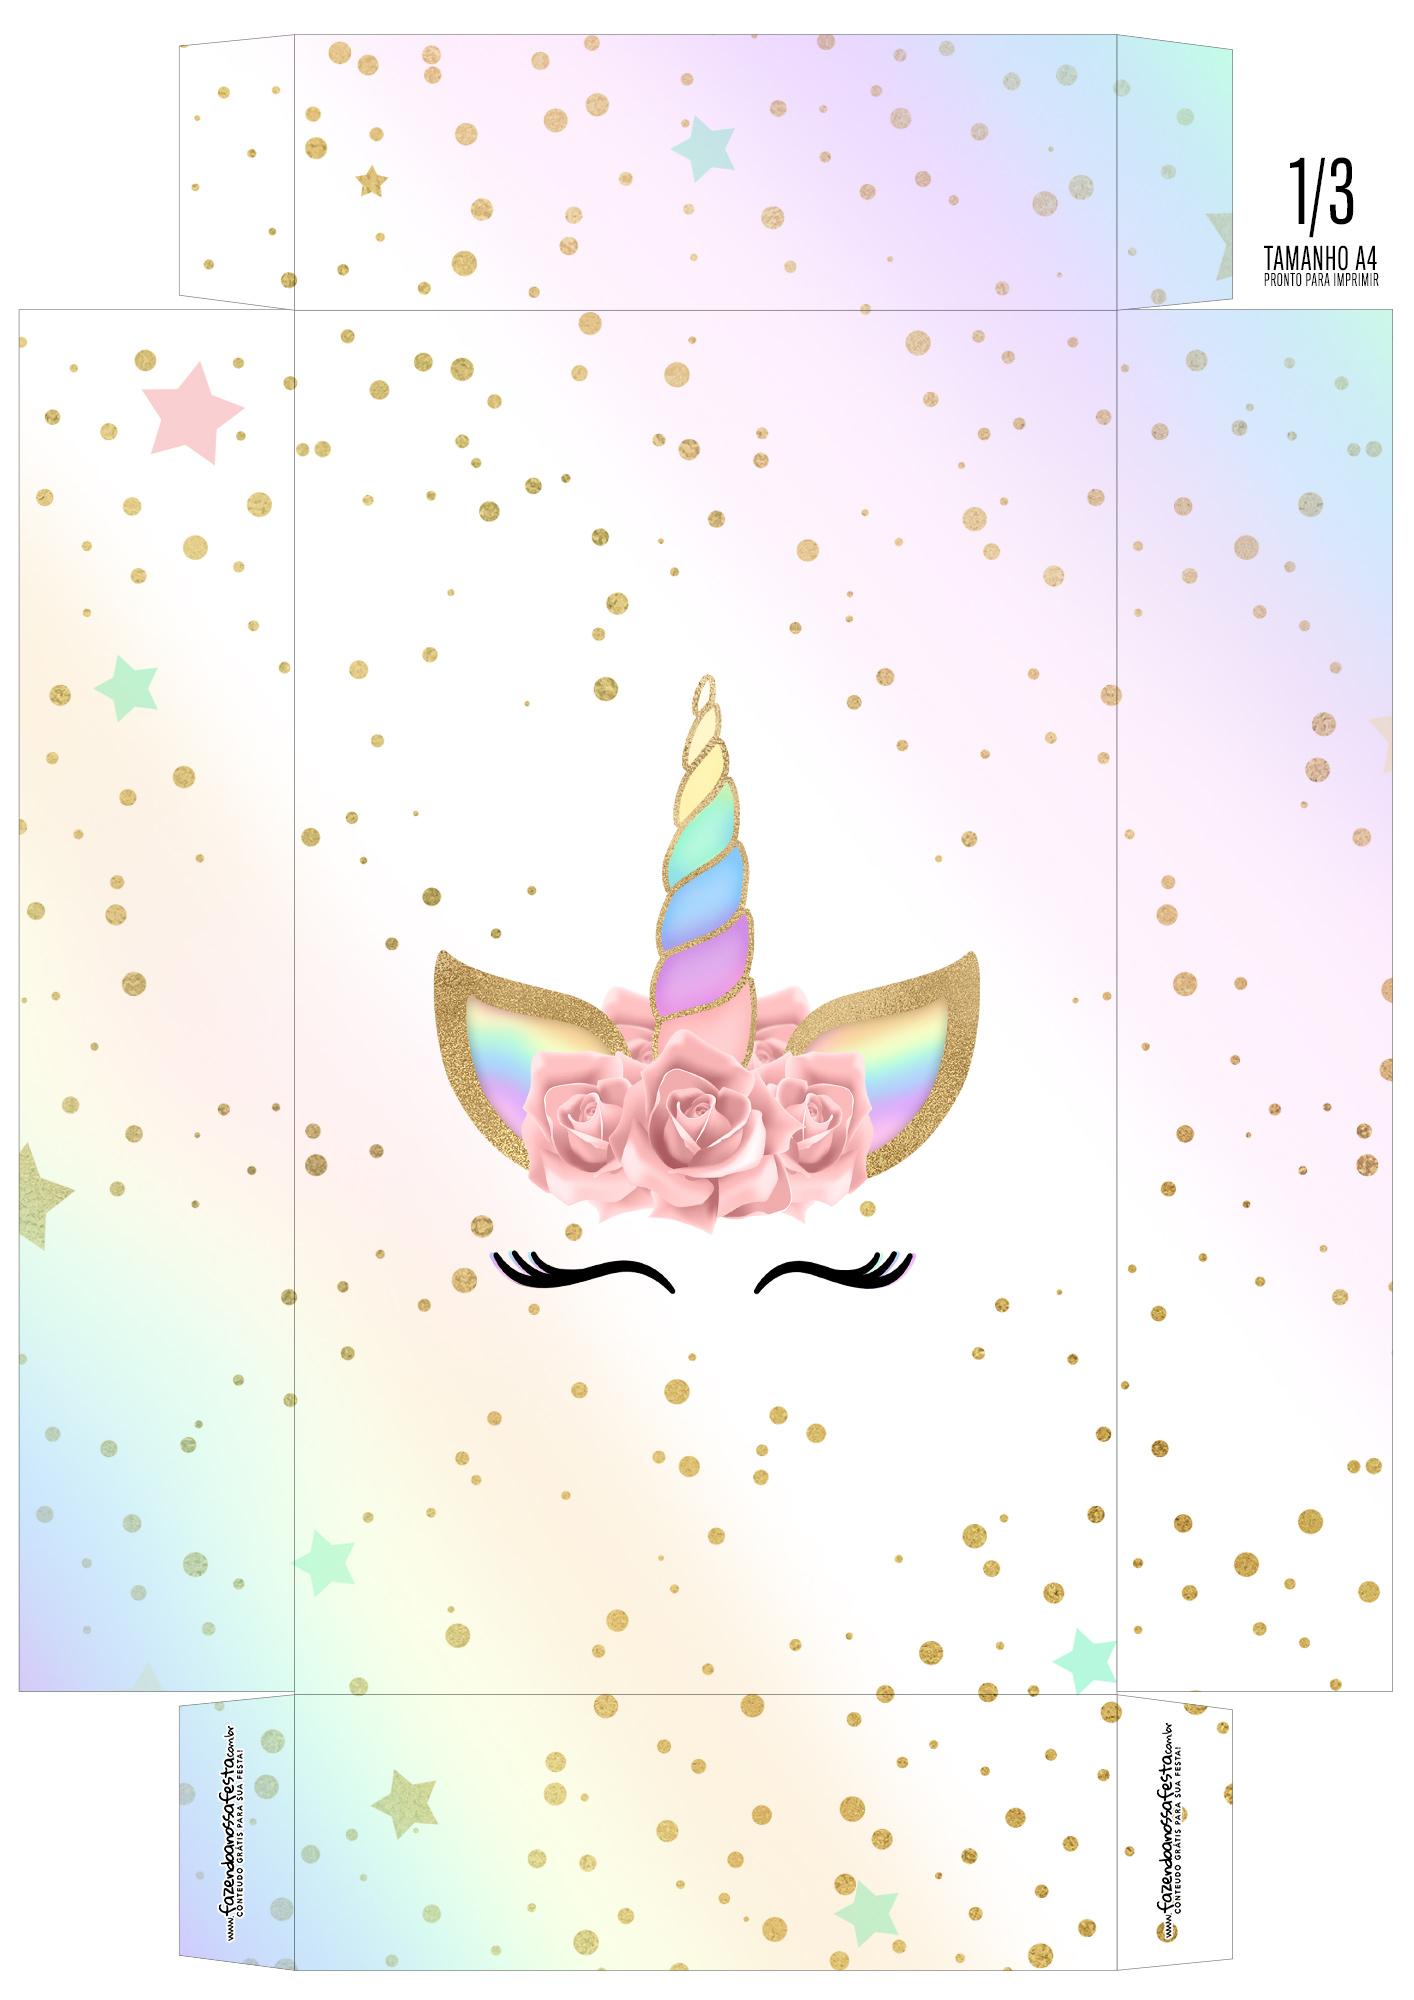 Caixa Ovo de Colher Personagens Unicornio Olhos_03